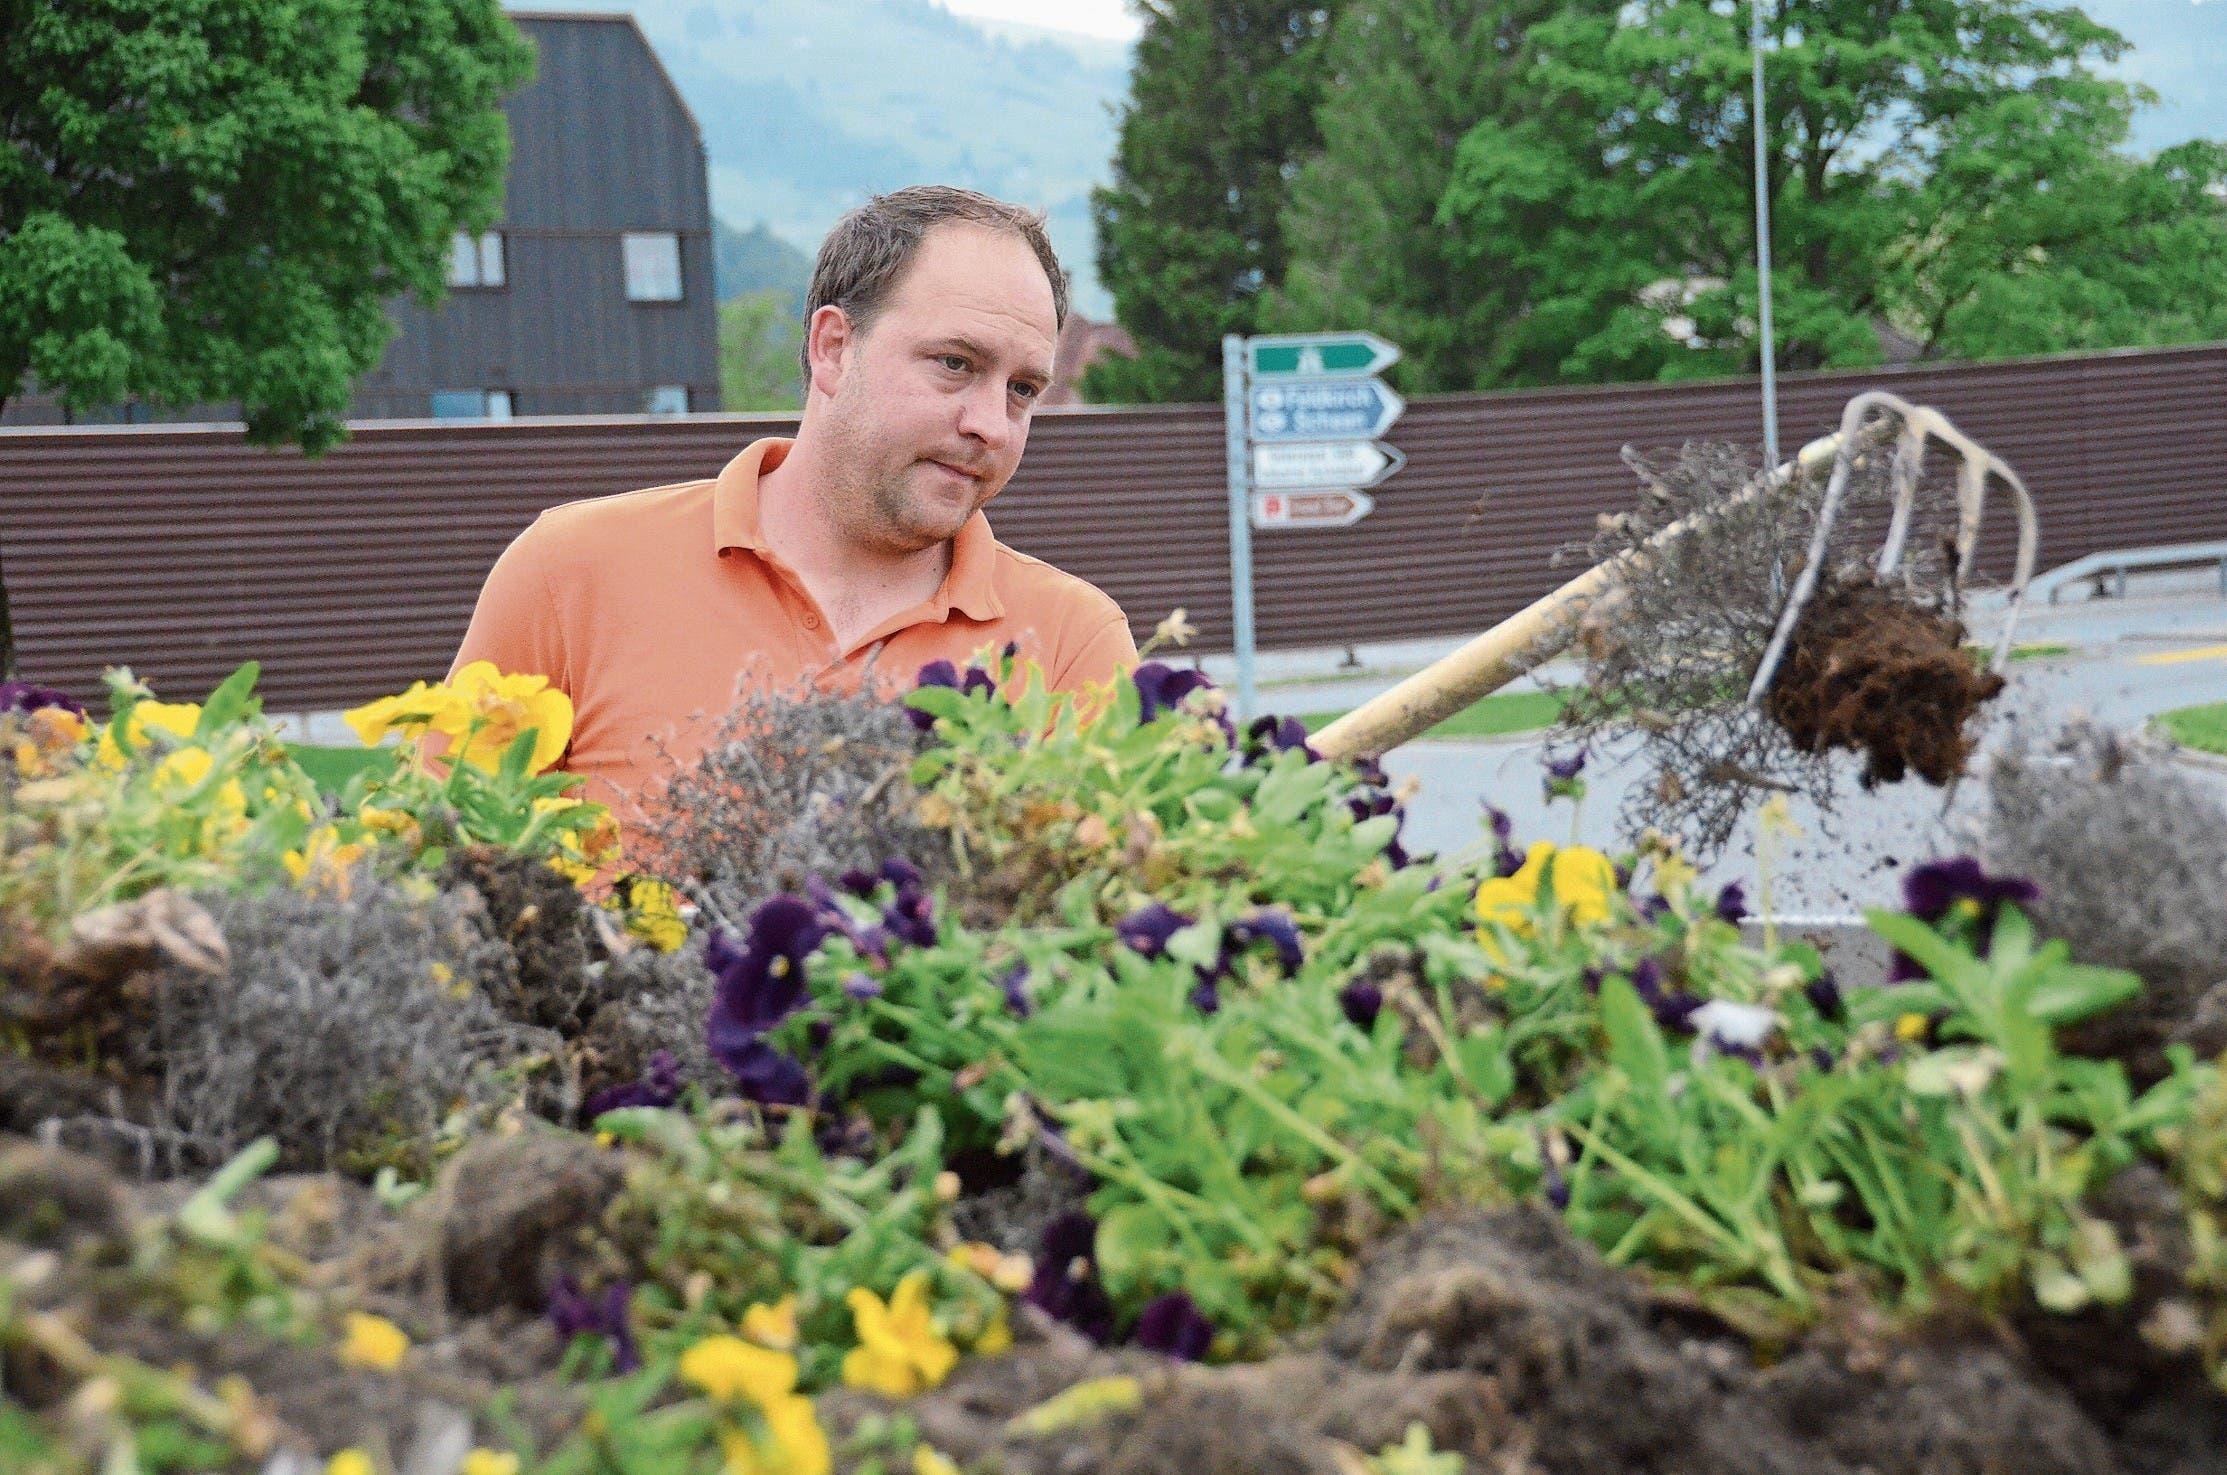 Niklaus Lehmann ist Mitarbeiter des Werkhofs der Stadt Buchs. Zweimal im Jahr bepflanzt er die grossen Rabatten um den Landi-Kreisel neu. (Bild: Bilder: Corinne Hanselmann)